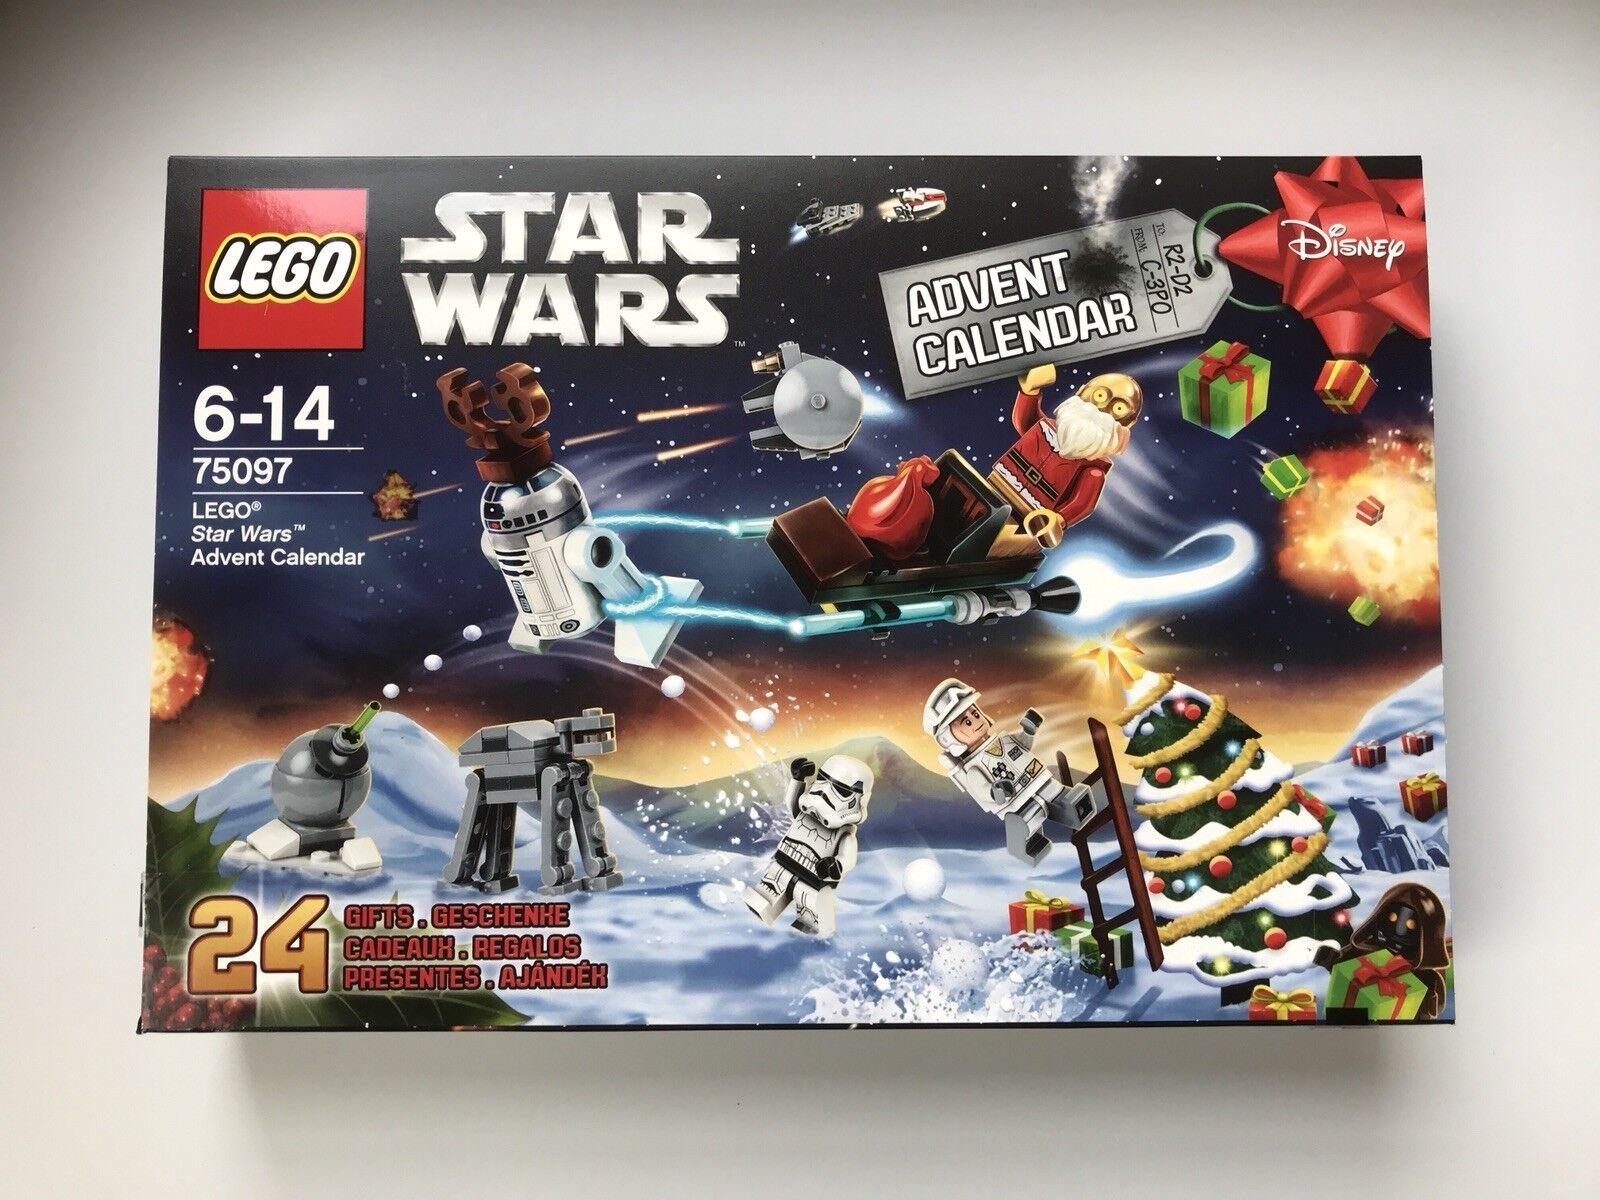 Lego Star Wars 75097 Fiestas Navidad 2015 Lego Calendario de Adviento Nuevo Sellado (2)